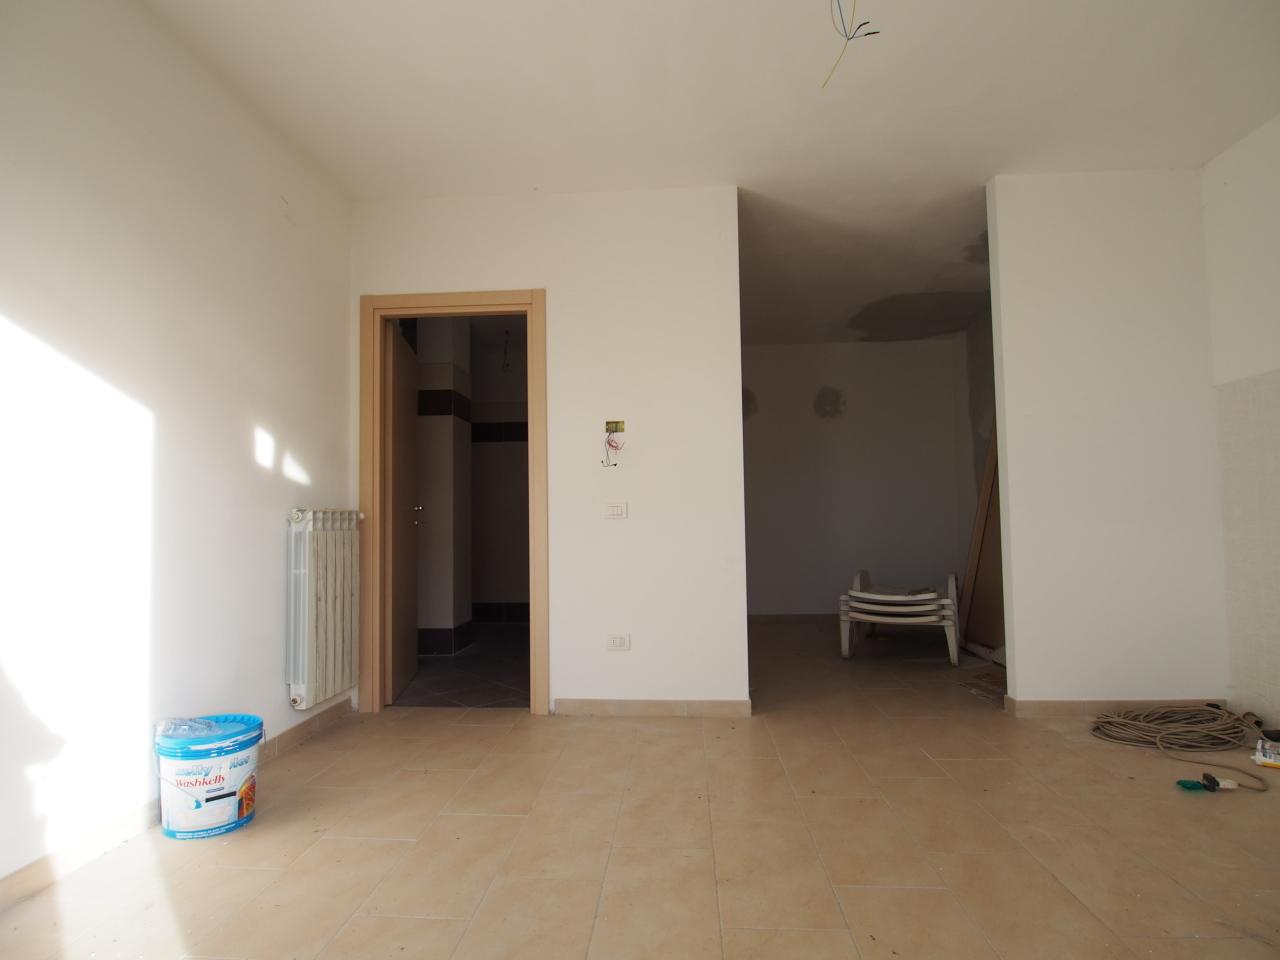 Appartamento in vendita a Montopoli in Val d'Arno, 1 locali, prezzo € 55.000 | CambioCasa.it